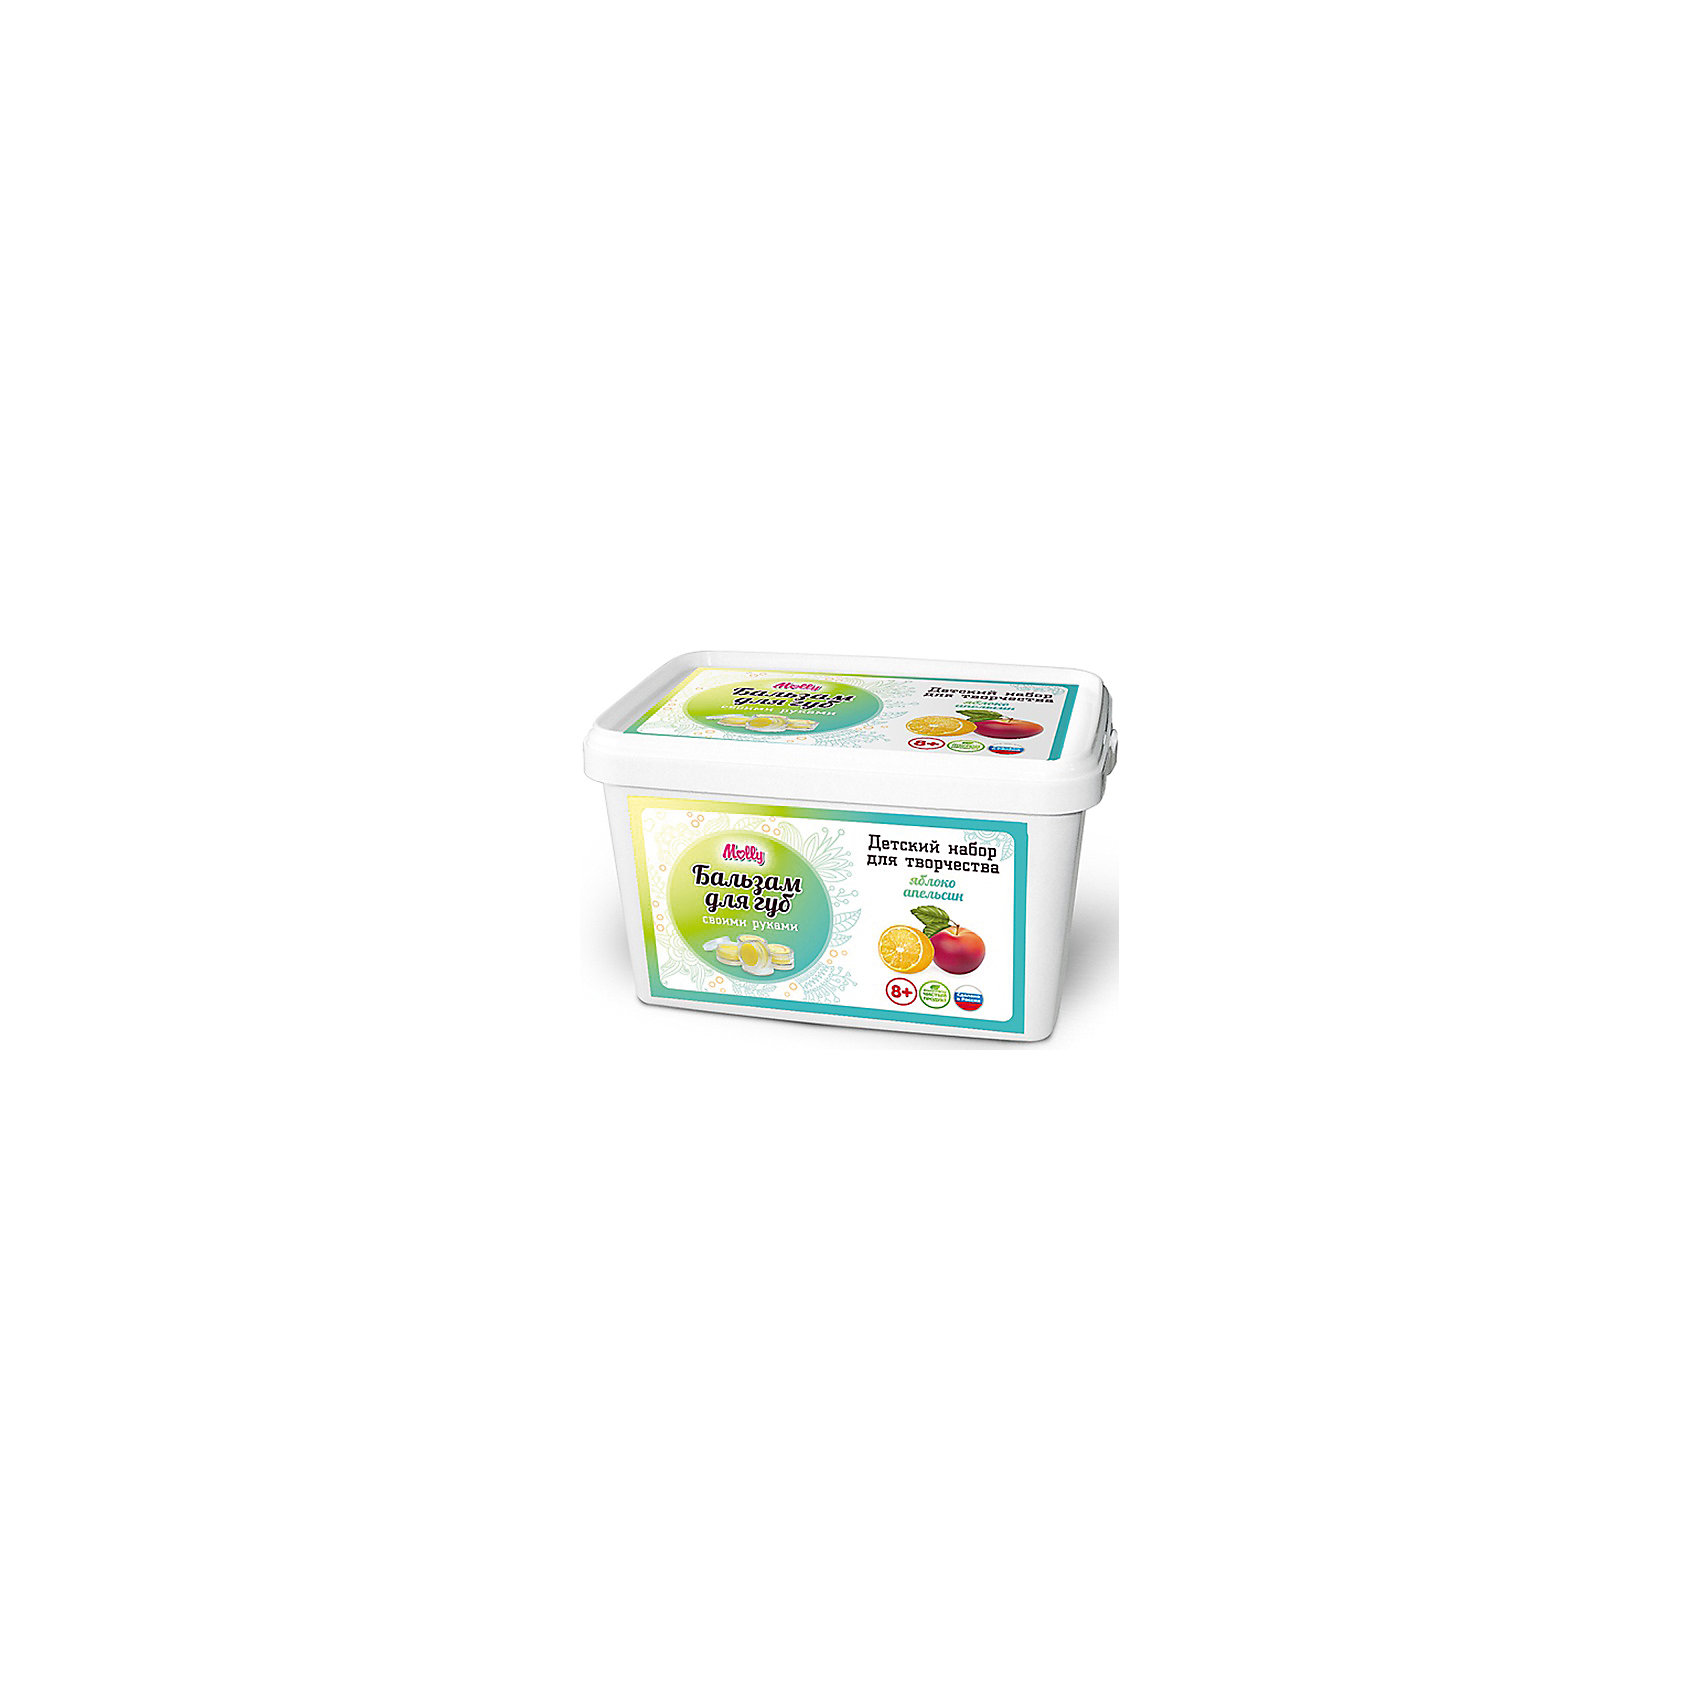 Бальзам для губ Яблоко-АпельсинНаборы детской косметики<br>Оригинальный бальзам для губ, который можно создать своими руками. В состав набора входит: масло какао, пчелиный воск, 2 ароматизатора, ложка,  баночки для готового бальзама,  одноразовые перчатки и подробная инструкция.<br><br>Ширина мм: 20<br>Глубина мм: 13<br>Высота мм: 11<br>Вес г: 215<br>Возраст от месяцев: 96<br>Возраст до месяцев: 144<br>Пол: Унисекс<br>Возраст: Детский<br>SKU: 5115204